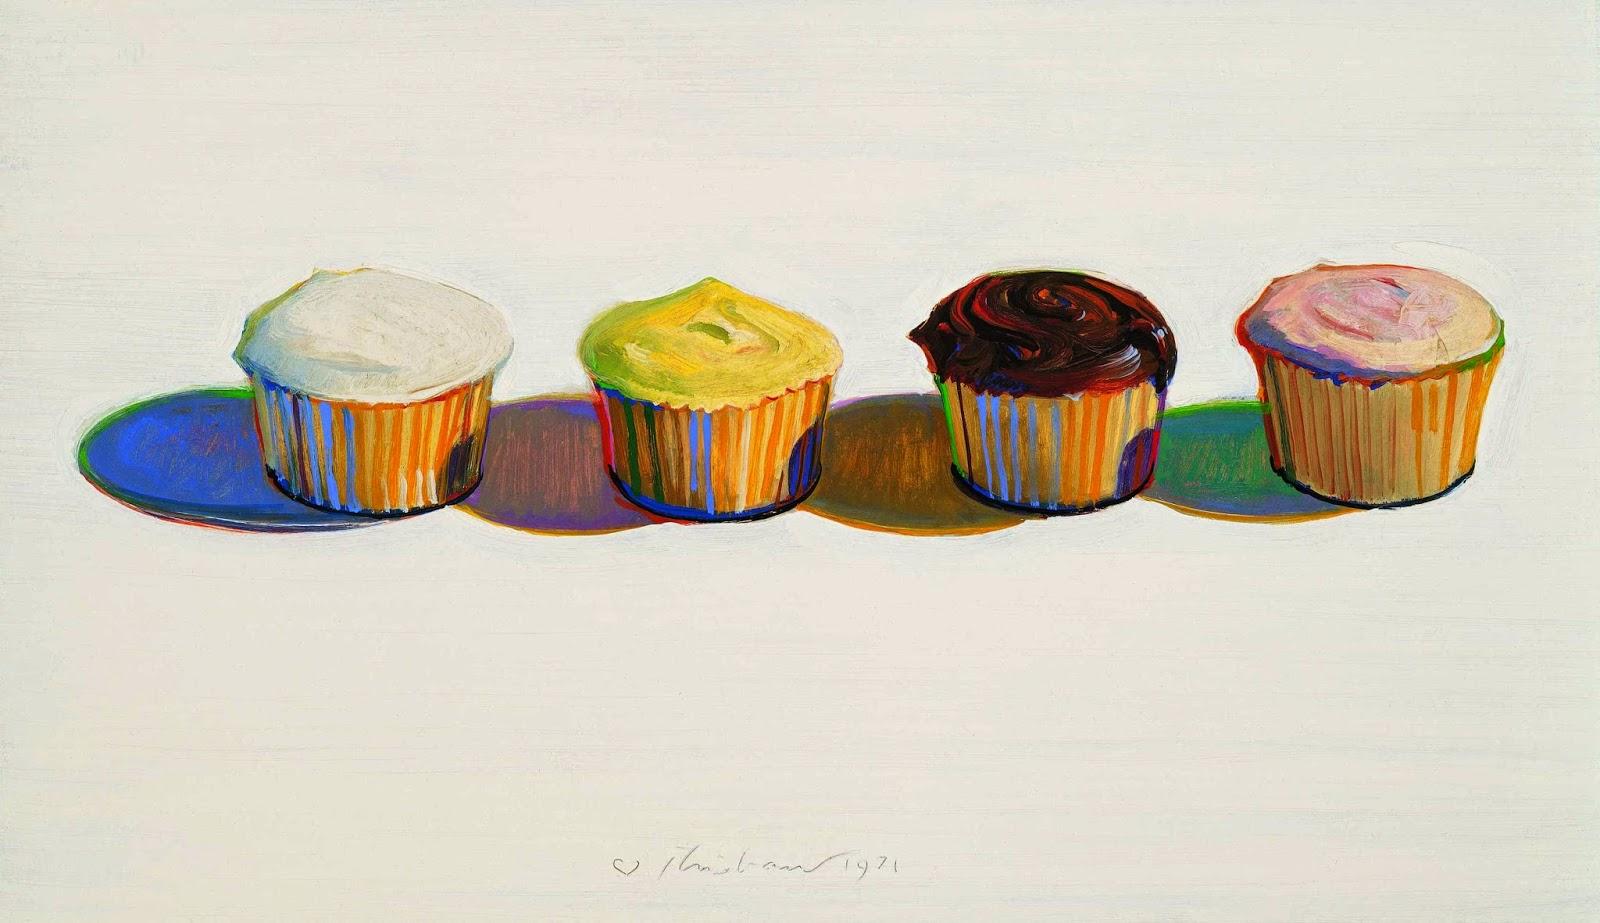 Il cibo è arte? O meglio, il cibo può essere arte? Tra performance, rivelazioni e riproducibilità